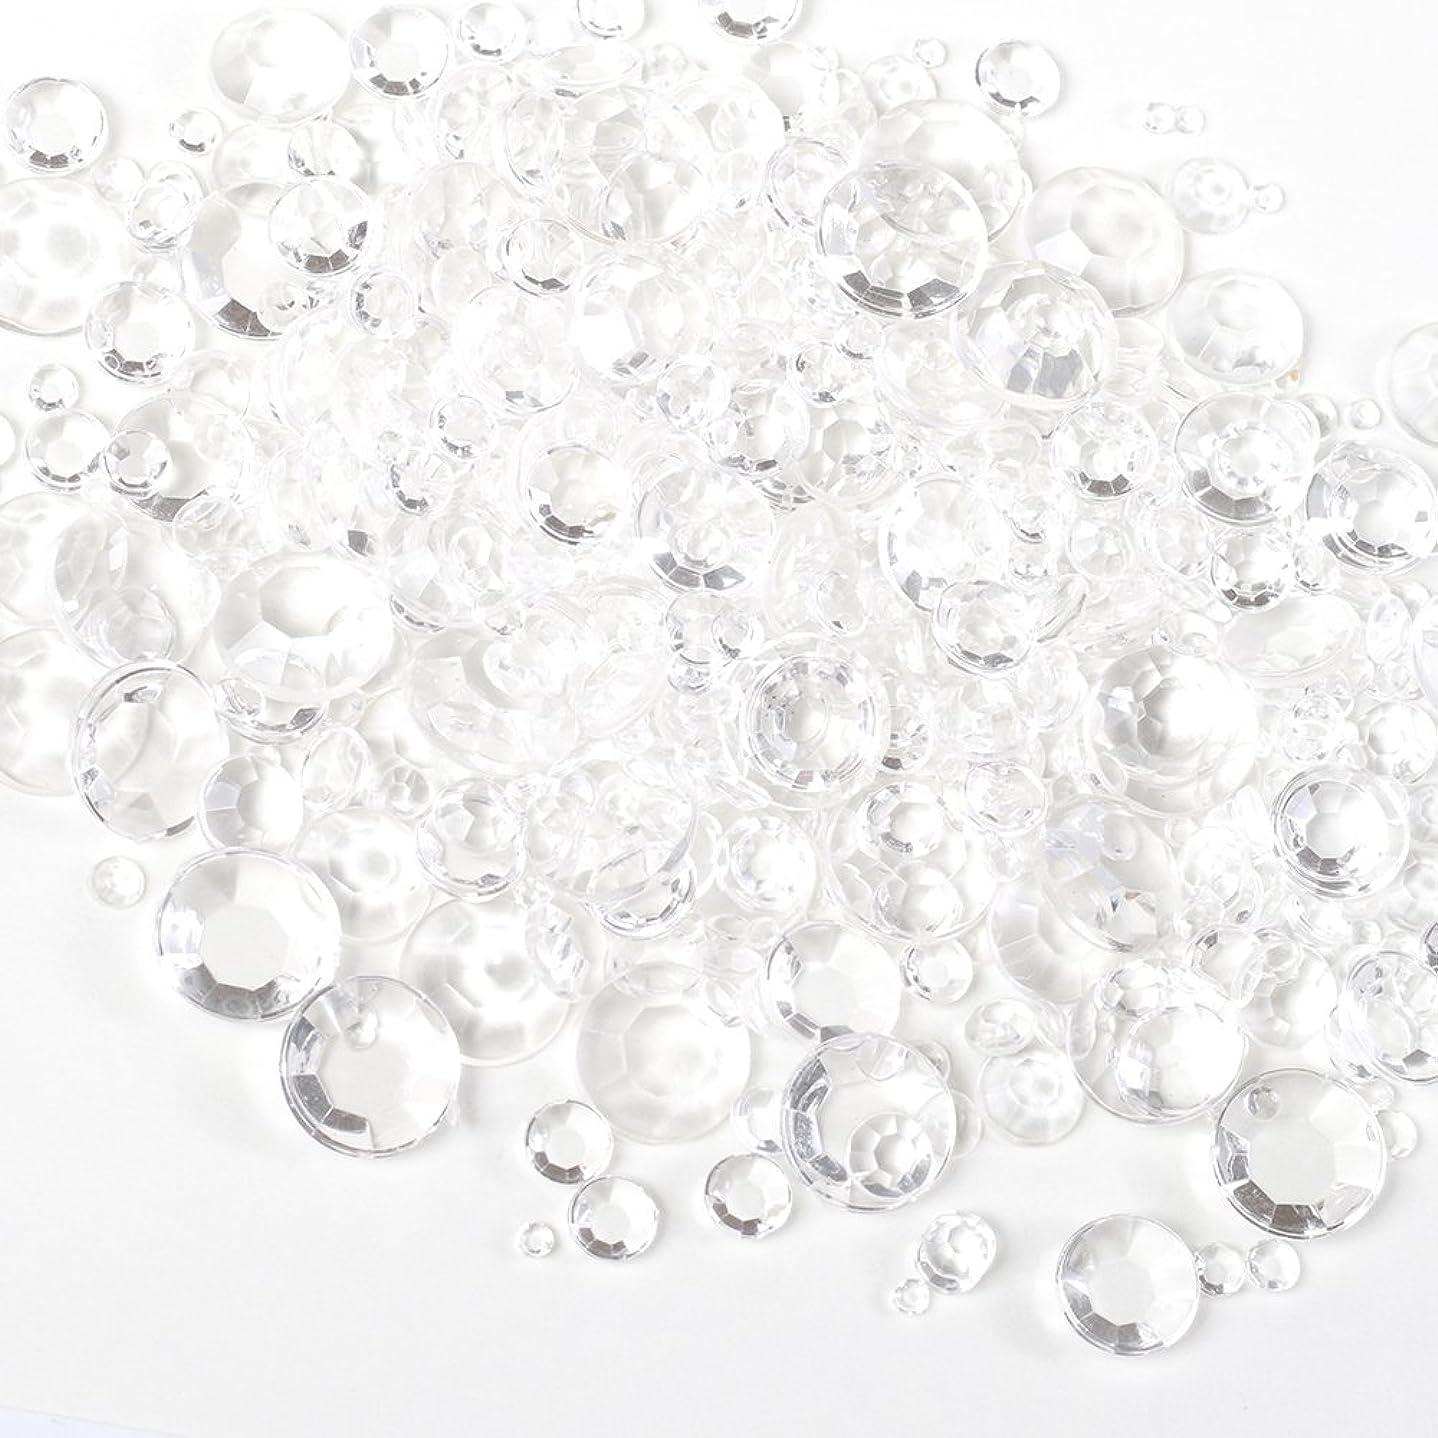 誠実ウェイド仕方サイズ ミックス (全透明) スケルトン ラインストーン 約5g クリア アンホイル 【ラインストーン77】